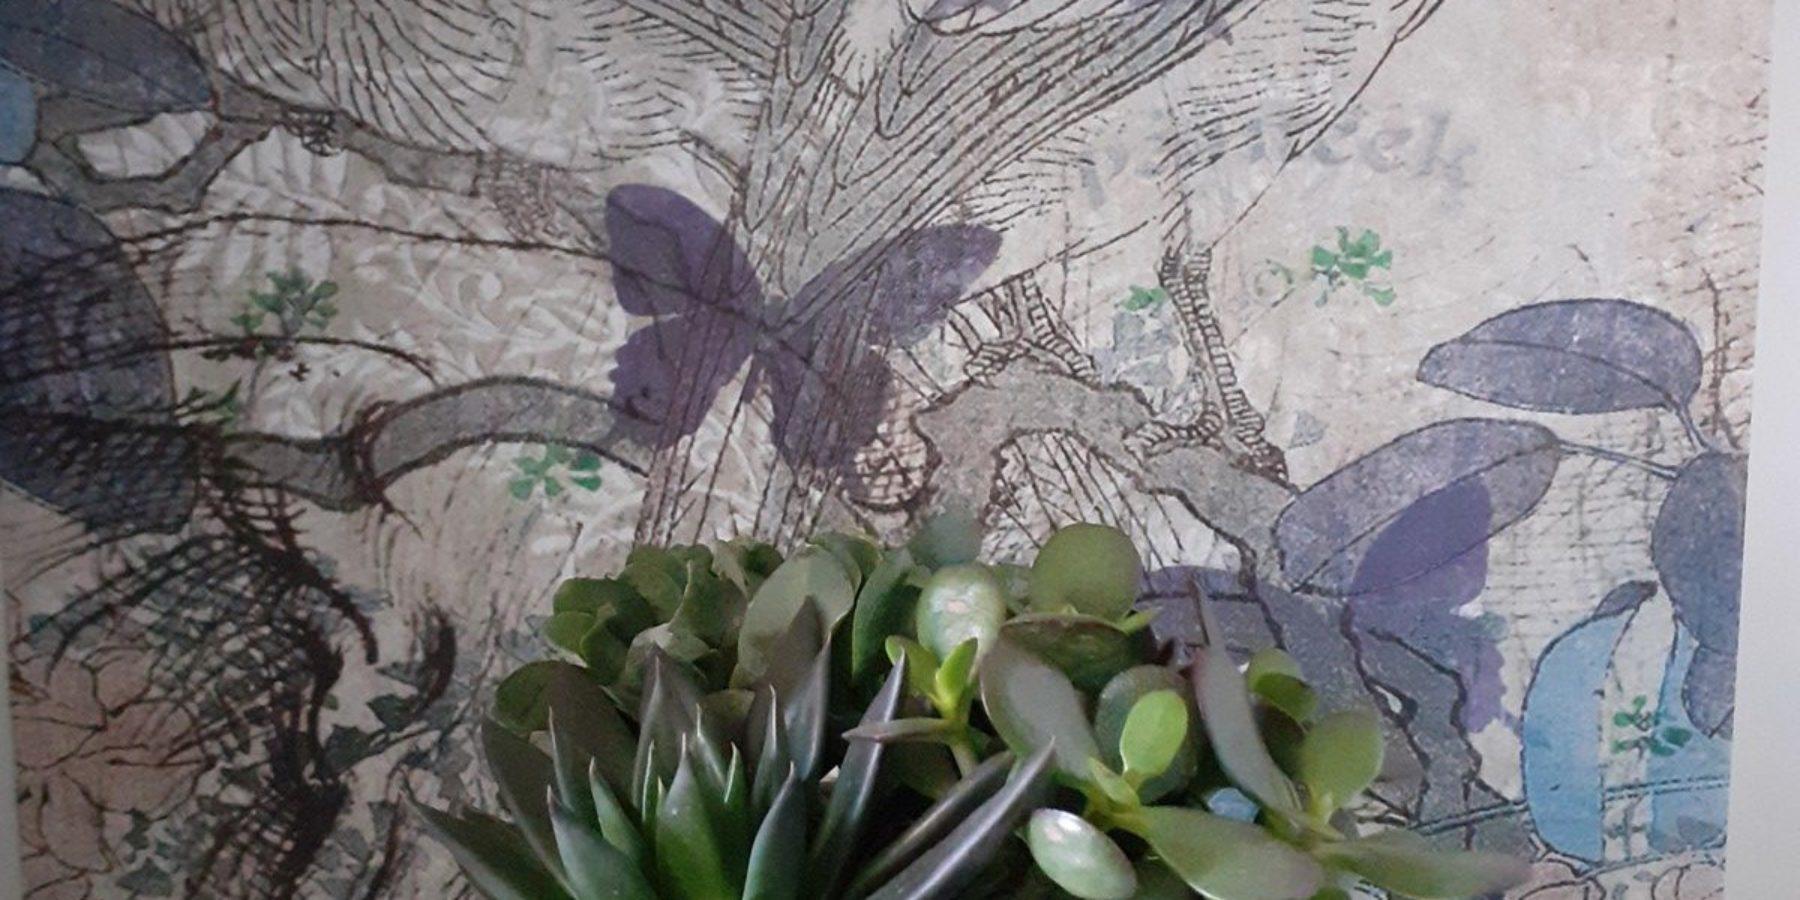 Les couleurs de la Chambre à l'Echauguette de la Maison du Chevalier des Huttes, chambres et table d'hôtes à Vic sur Cère (Auvergne, Cantal, France), ainsi que le foisonnement de plantes, lui confèrent un charme particulier.